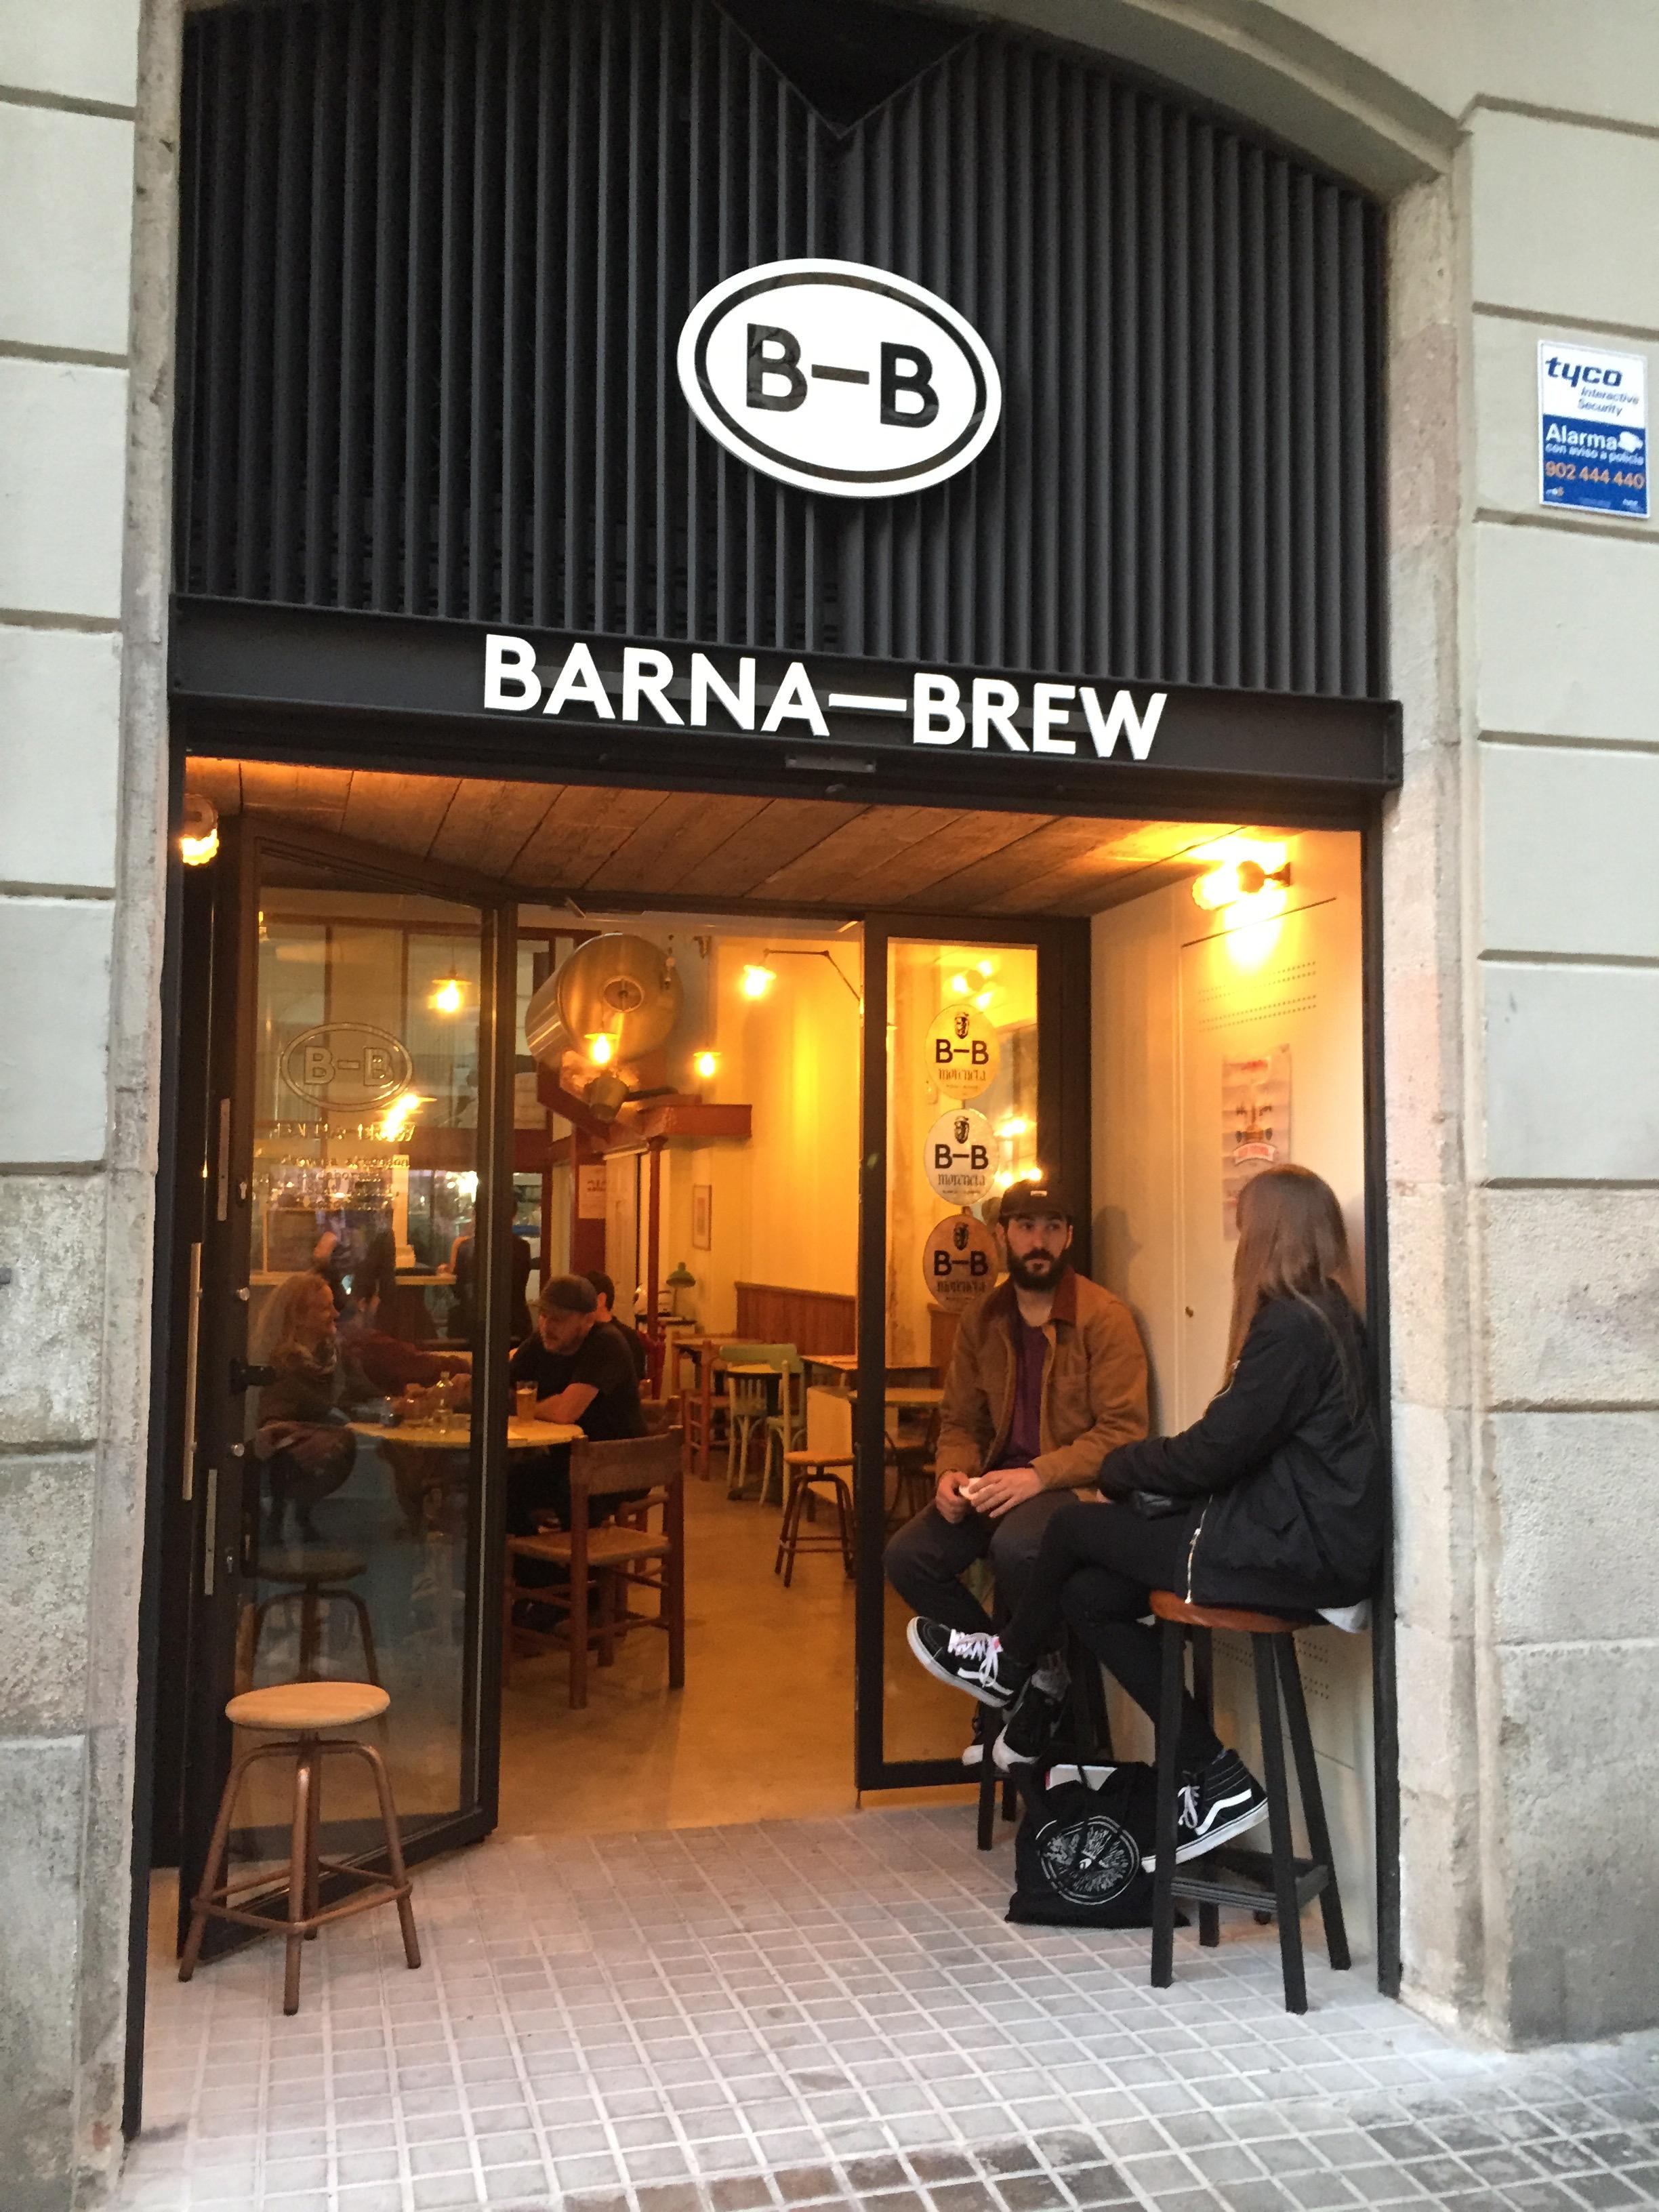 Barna-Brew, brewpub in Barcelona